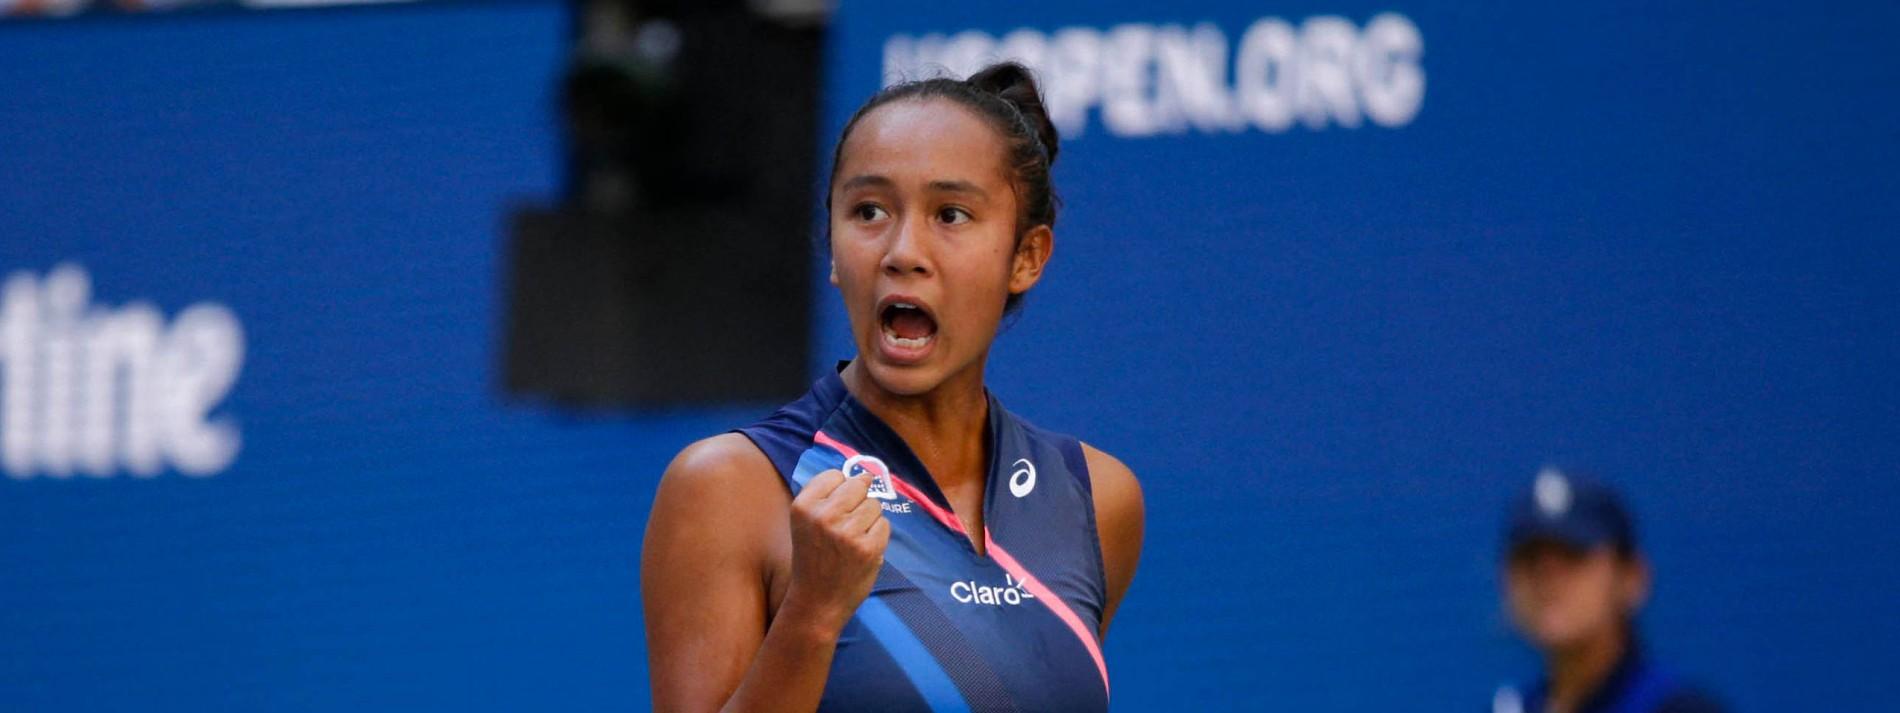 Der Siegeszug von Leylah Fernandez geht weiter